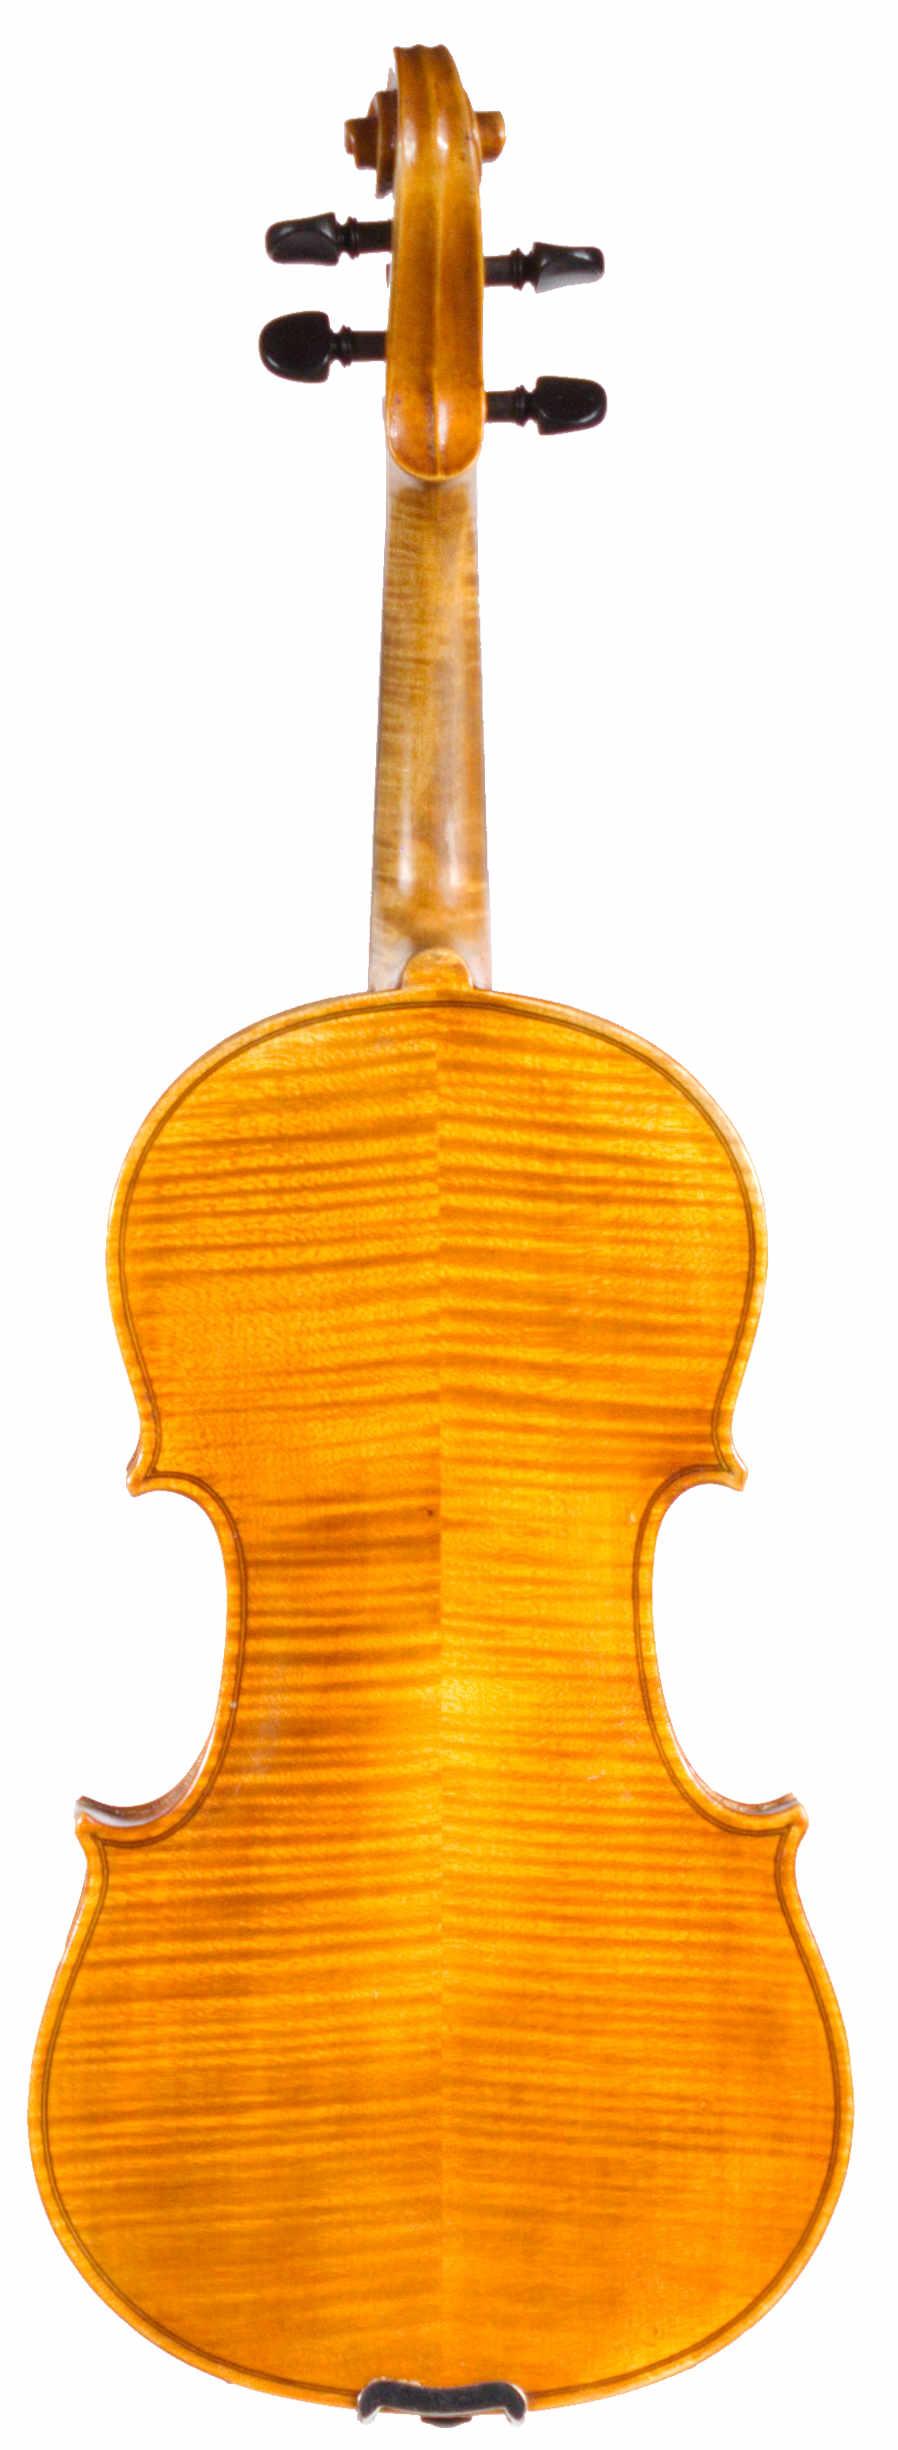 F. Saga violin